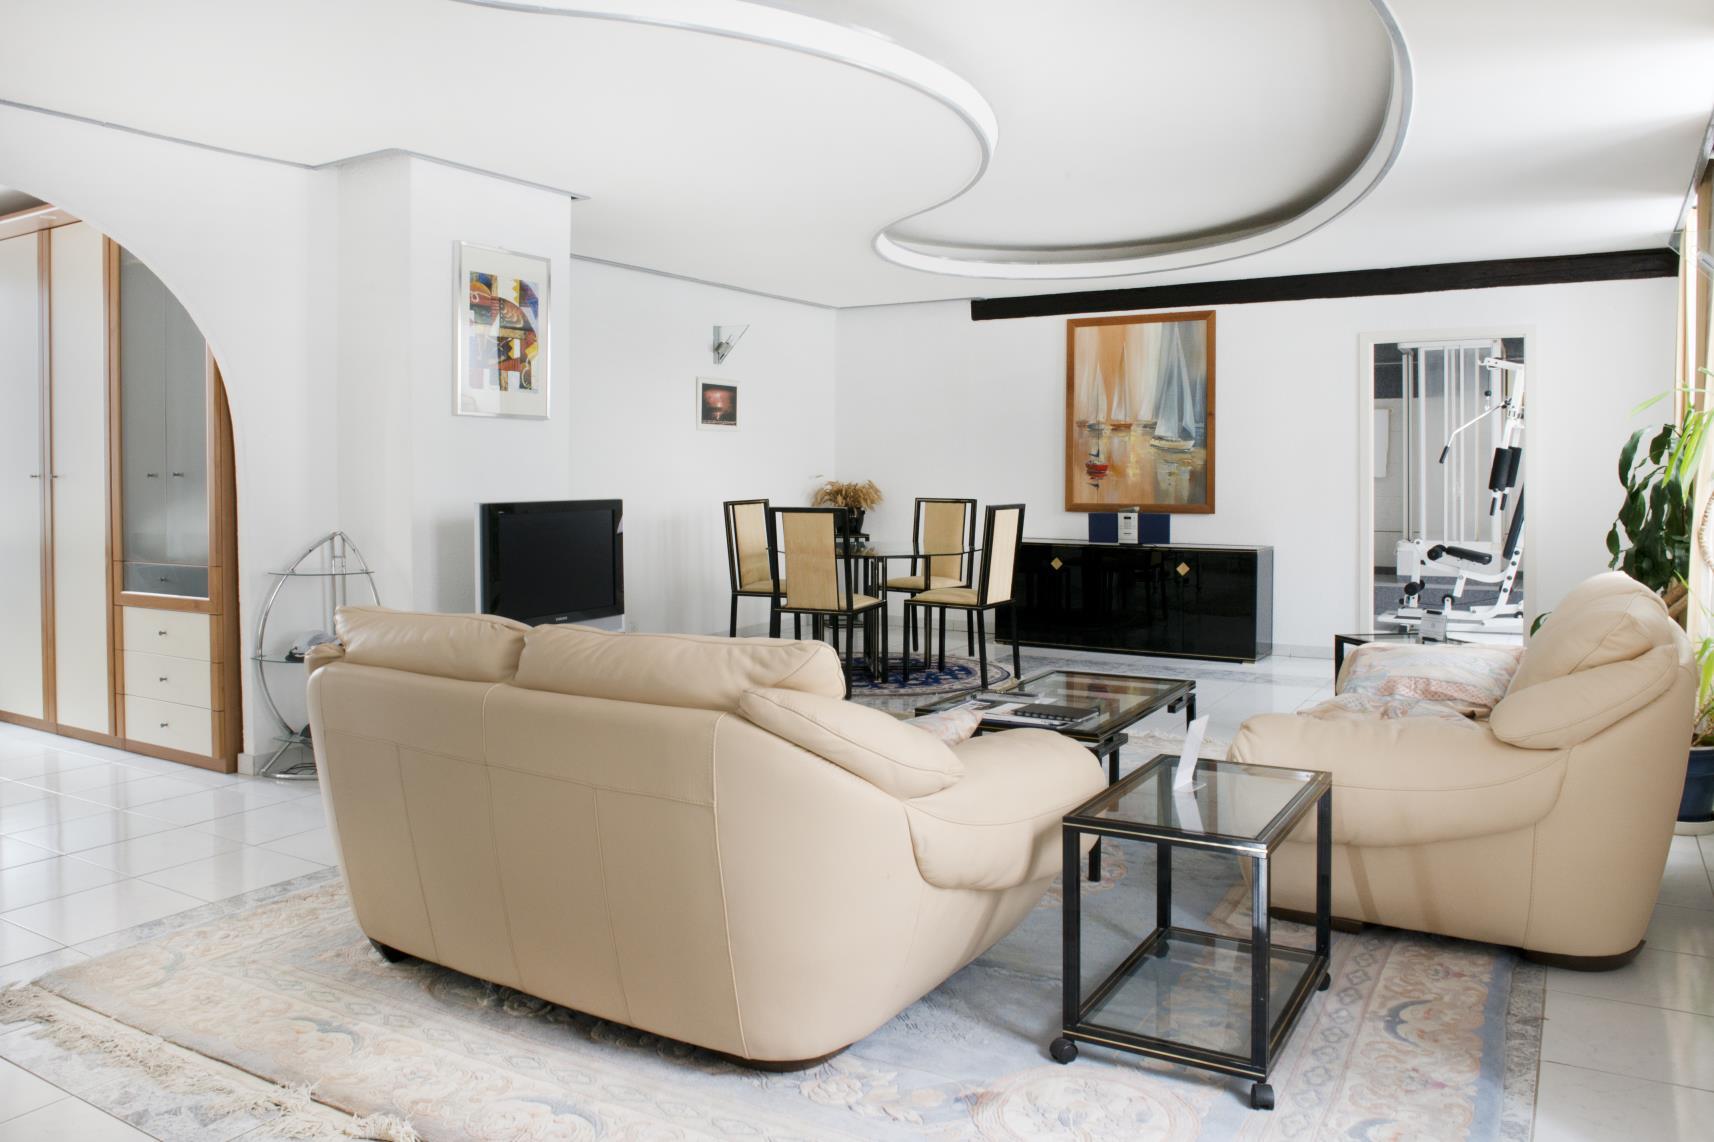 Suite 121 base de mobilier comprenant